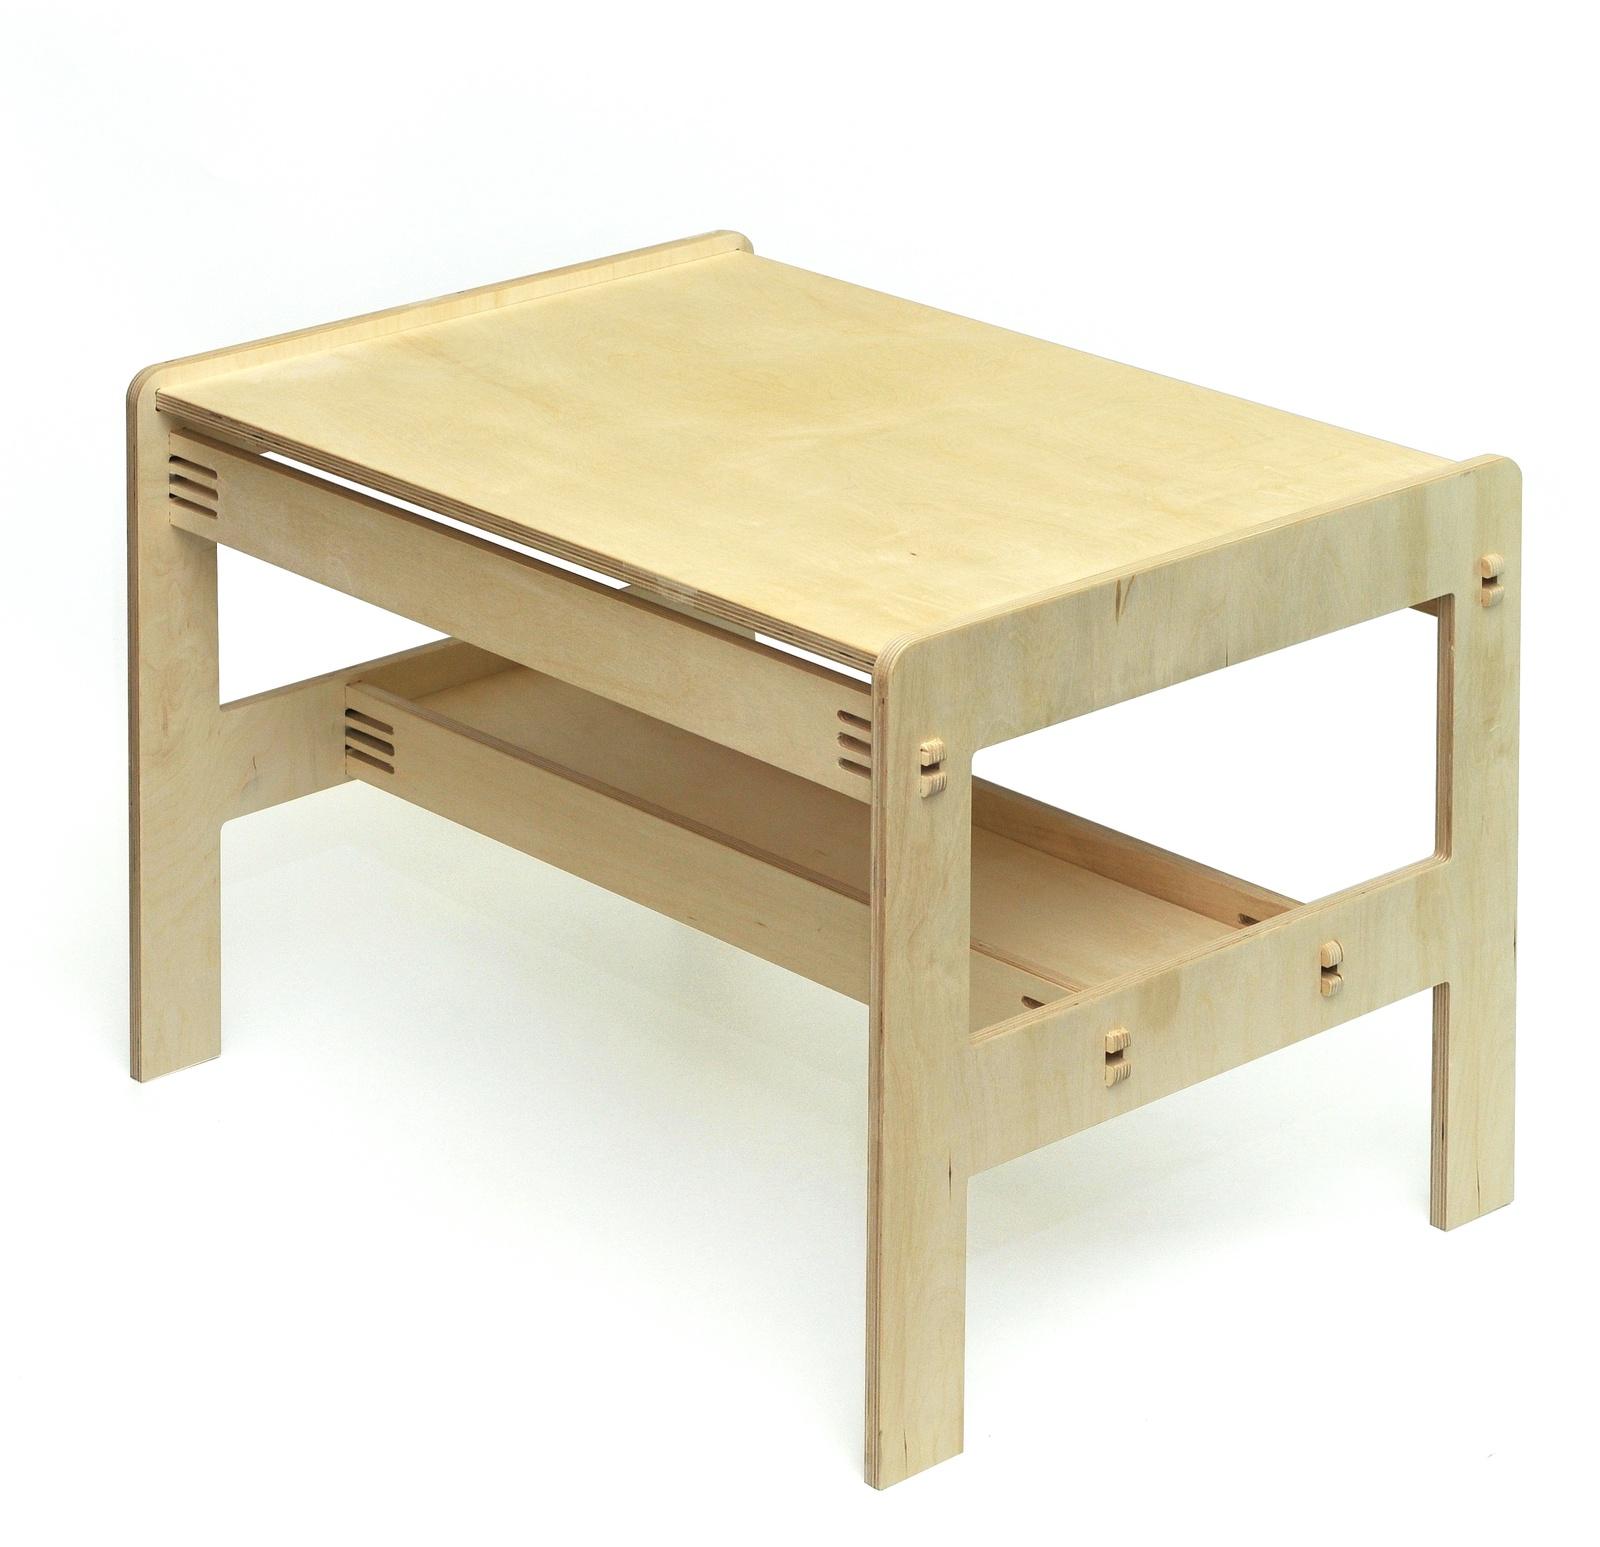 Детский стол Форатойс деревянный, бежевый